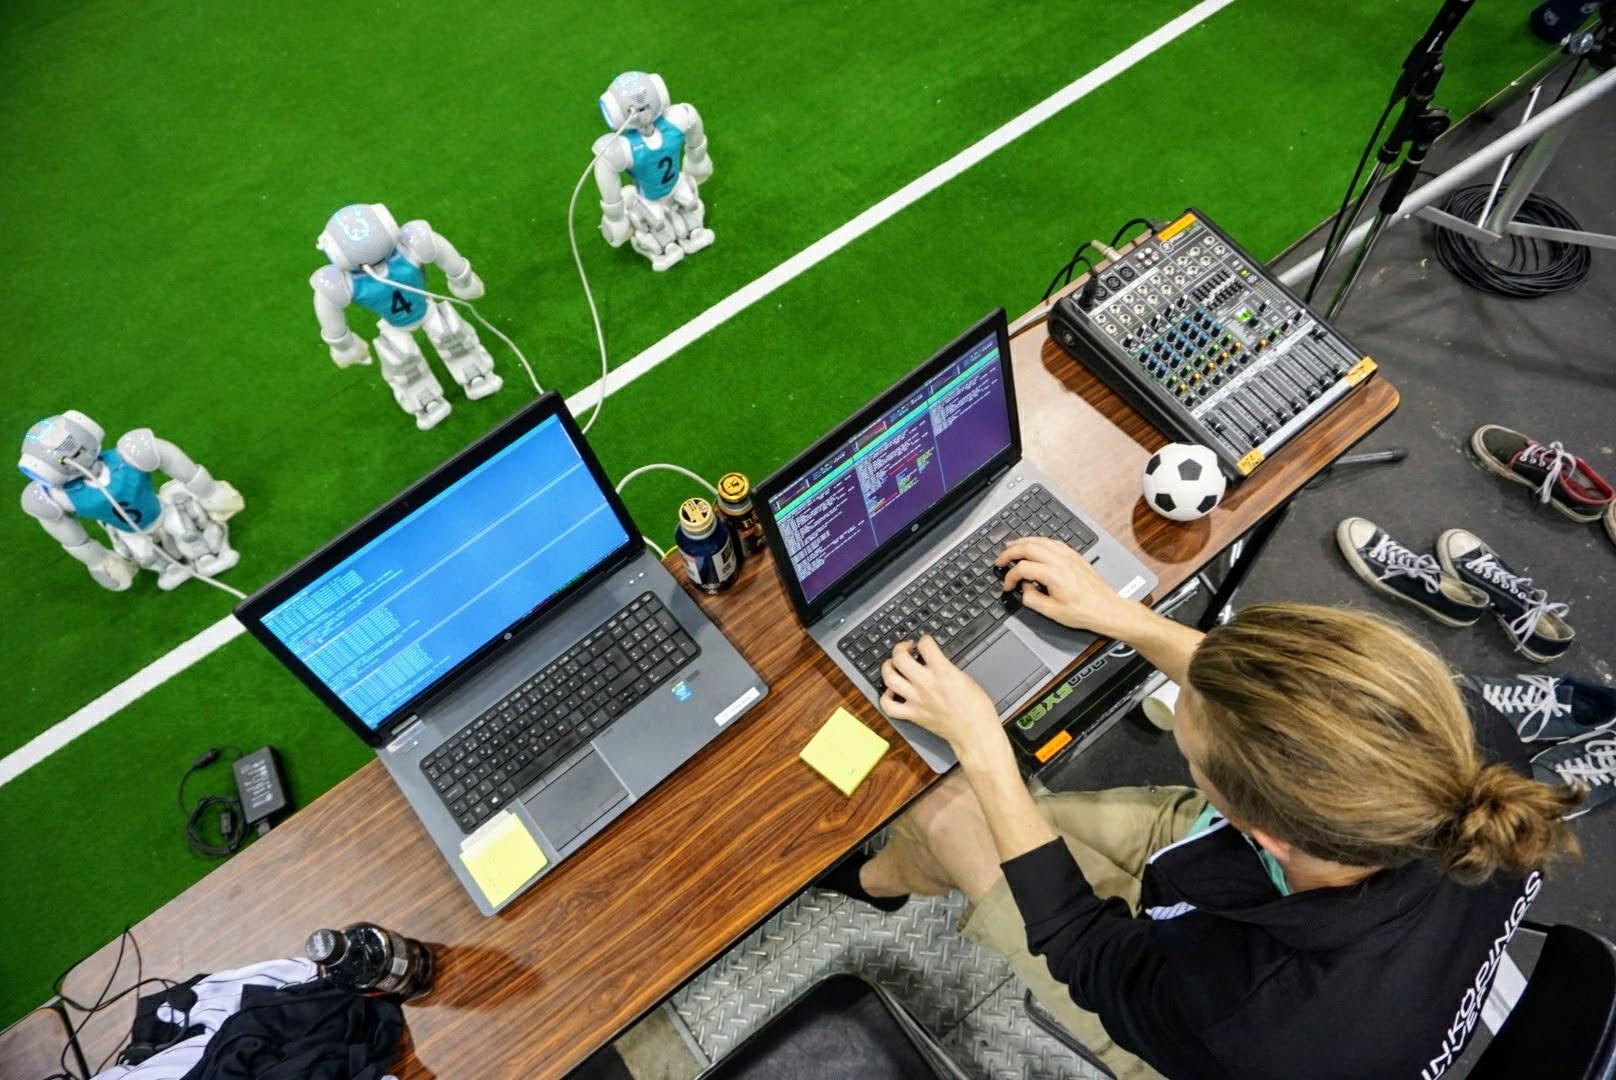 Som enda svenska trupp åkte de sex robotarna och deras tio mänskliga  lagkamrater till Nagoya i Japan för att spela i fotbolls-VM för robotar  27–30 juli. 314efca717507